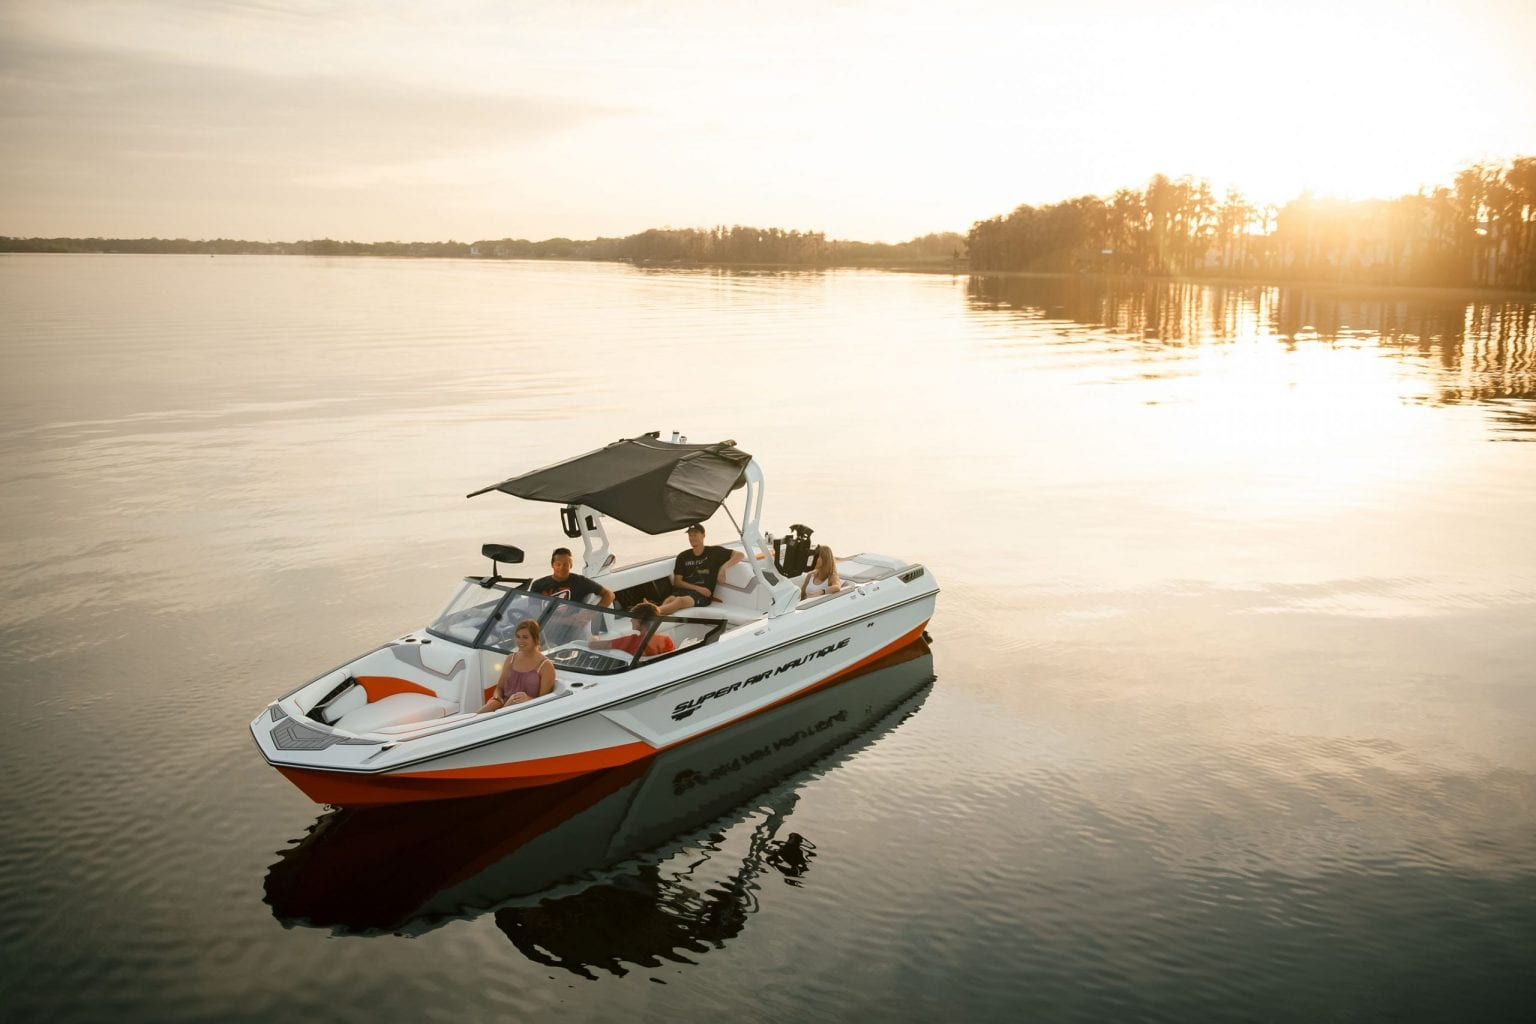 SUPER AIR NAUTIQUE GS24 - Stream Yachts